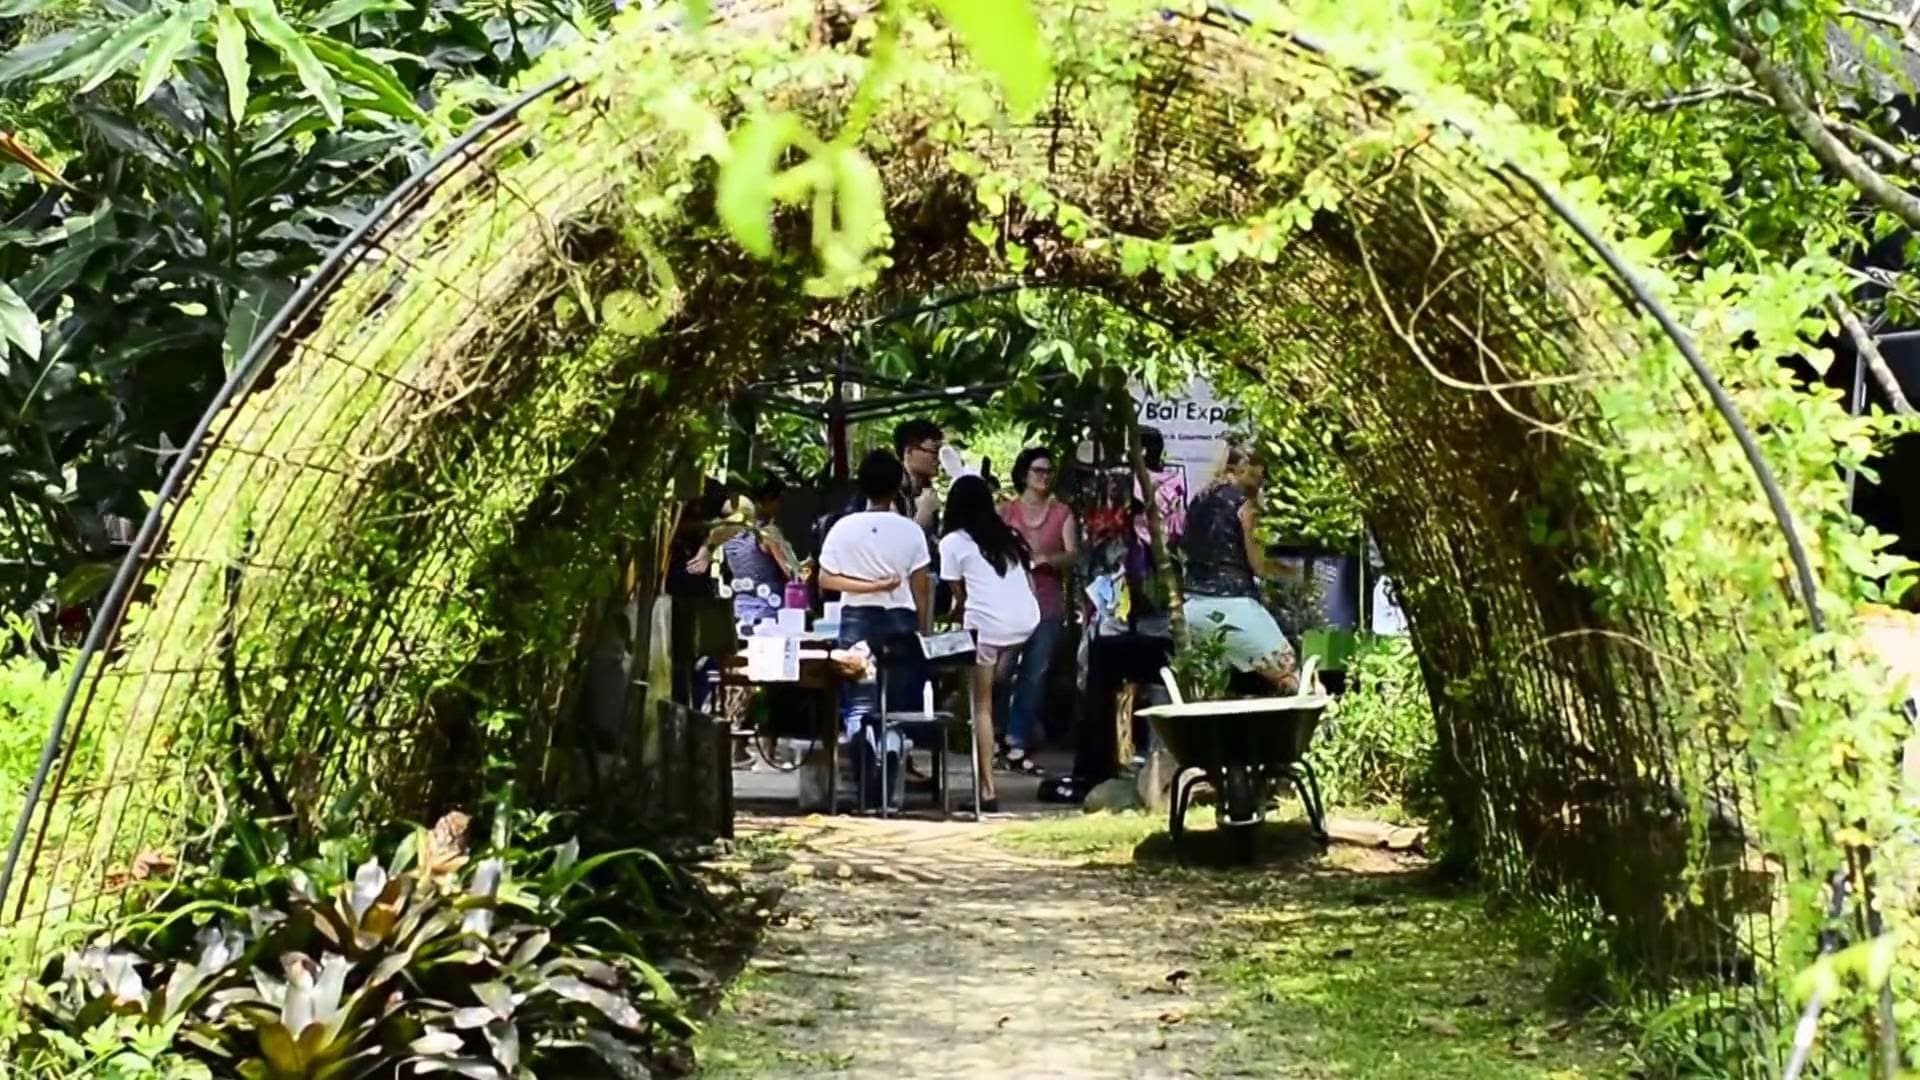 lịch trình đi singapore 4 ngày 3 đêm cho các cặp đôi: tham quan bollywood veggies